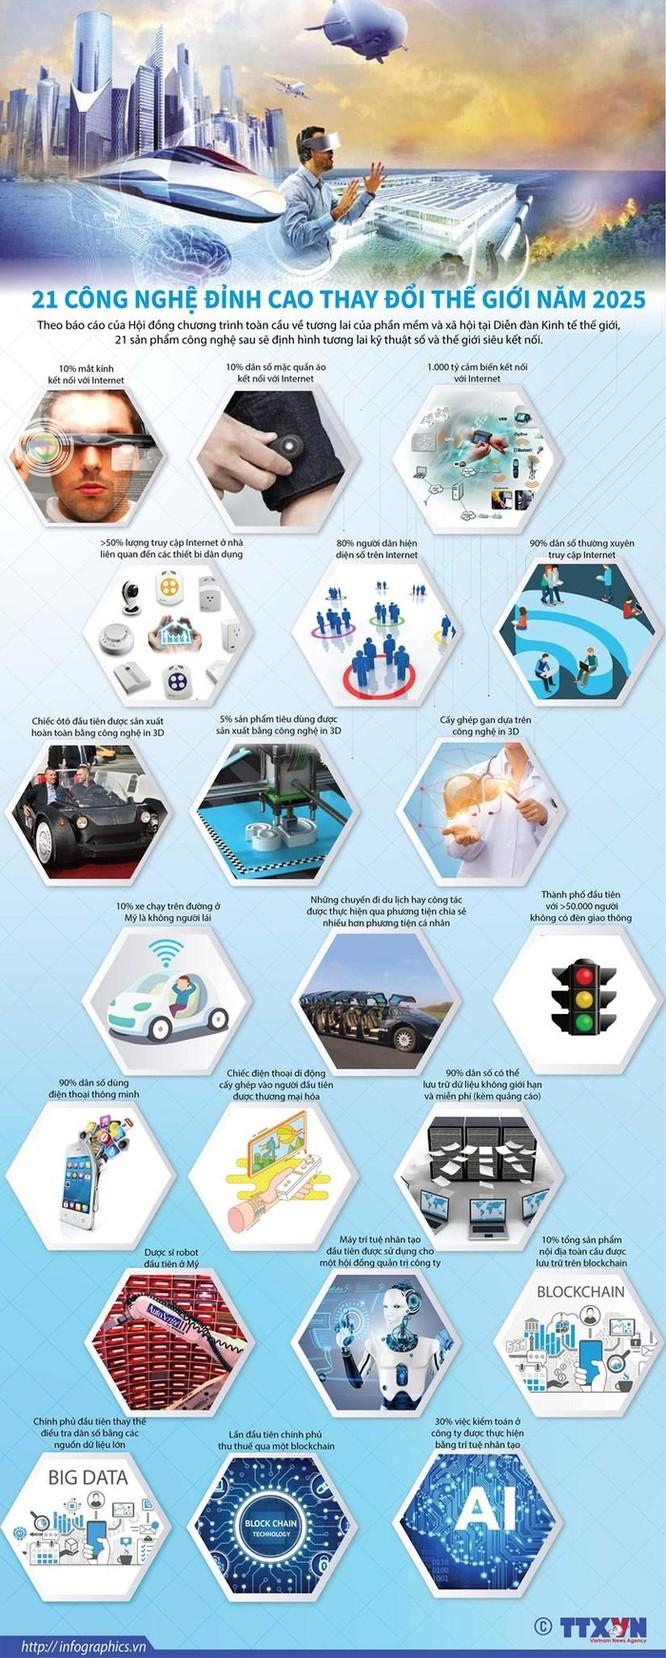 21 công nghệ đỉnh cao thay đổi thế giới năm 2025 ảnh 1